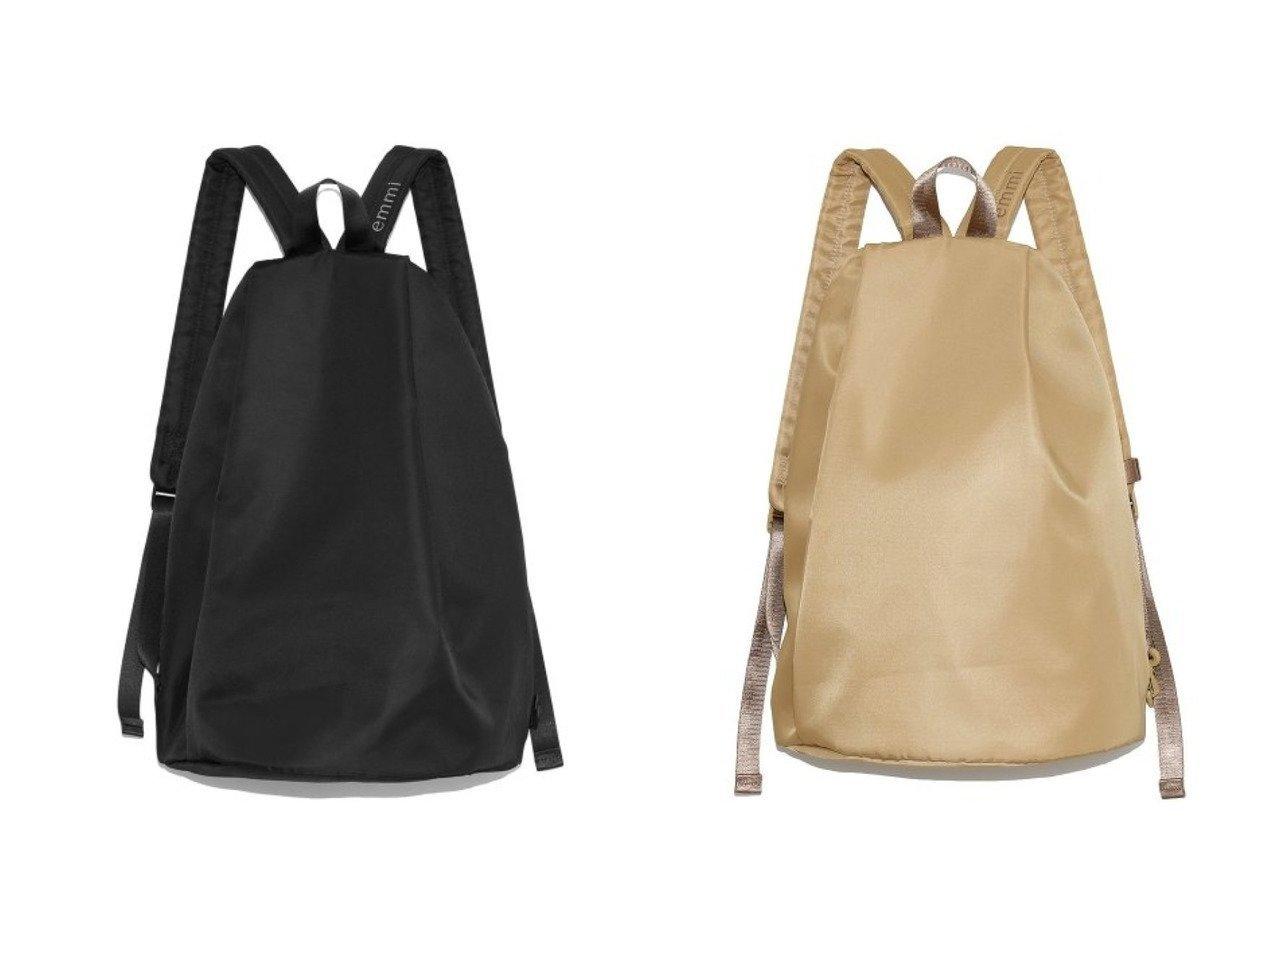 【emmi/エミ】の【emmi atelier】ボディバッグパック 【バッグ・鞄】おすすめ!人気、トレンド・レディースファッションの通販 おすすめで人気の流行・トレンド、ファッションの通販商品 メンズファッション・キッズファッション・インテリア・家具・レディースファッション・服の通販 founy(ファニー) https://founy.com/ ファッション Fashion レディースファッション WOMEN シンプル ポケット |ID:crp329100000036745